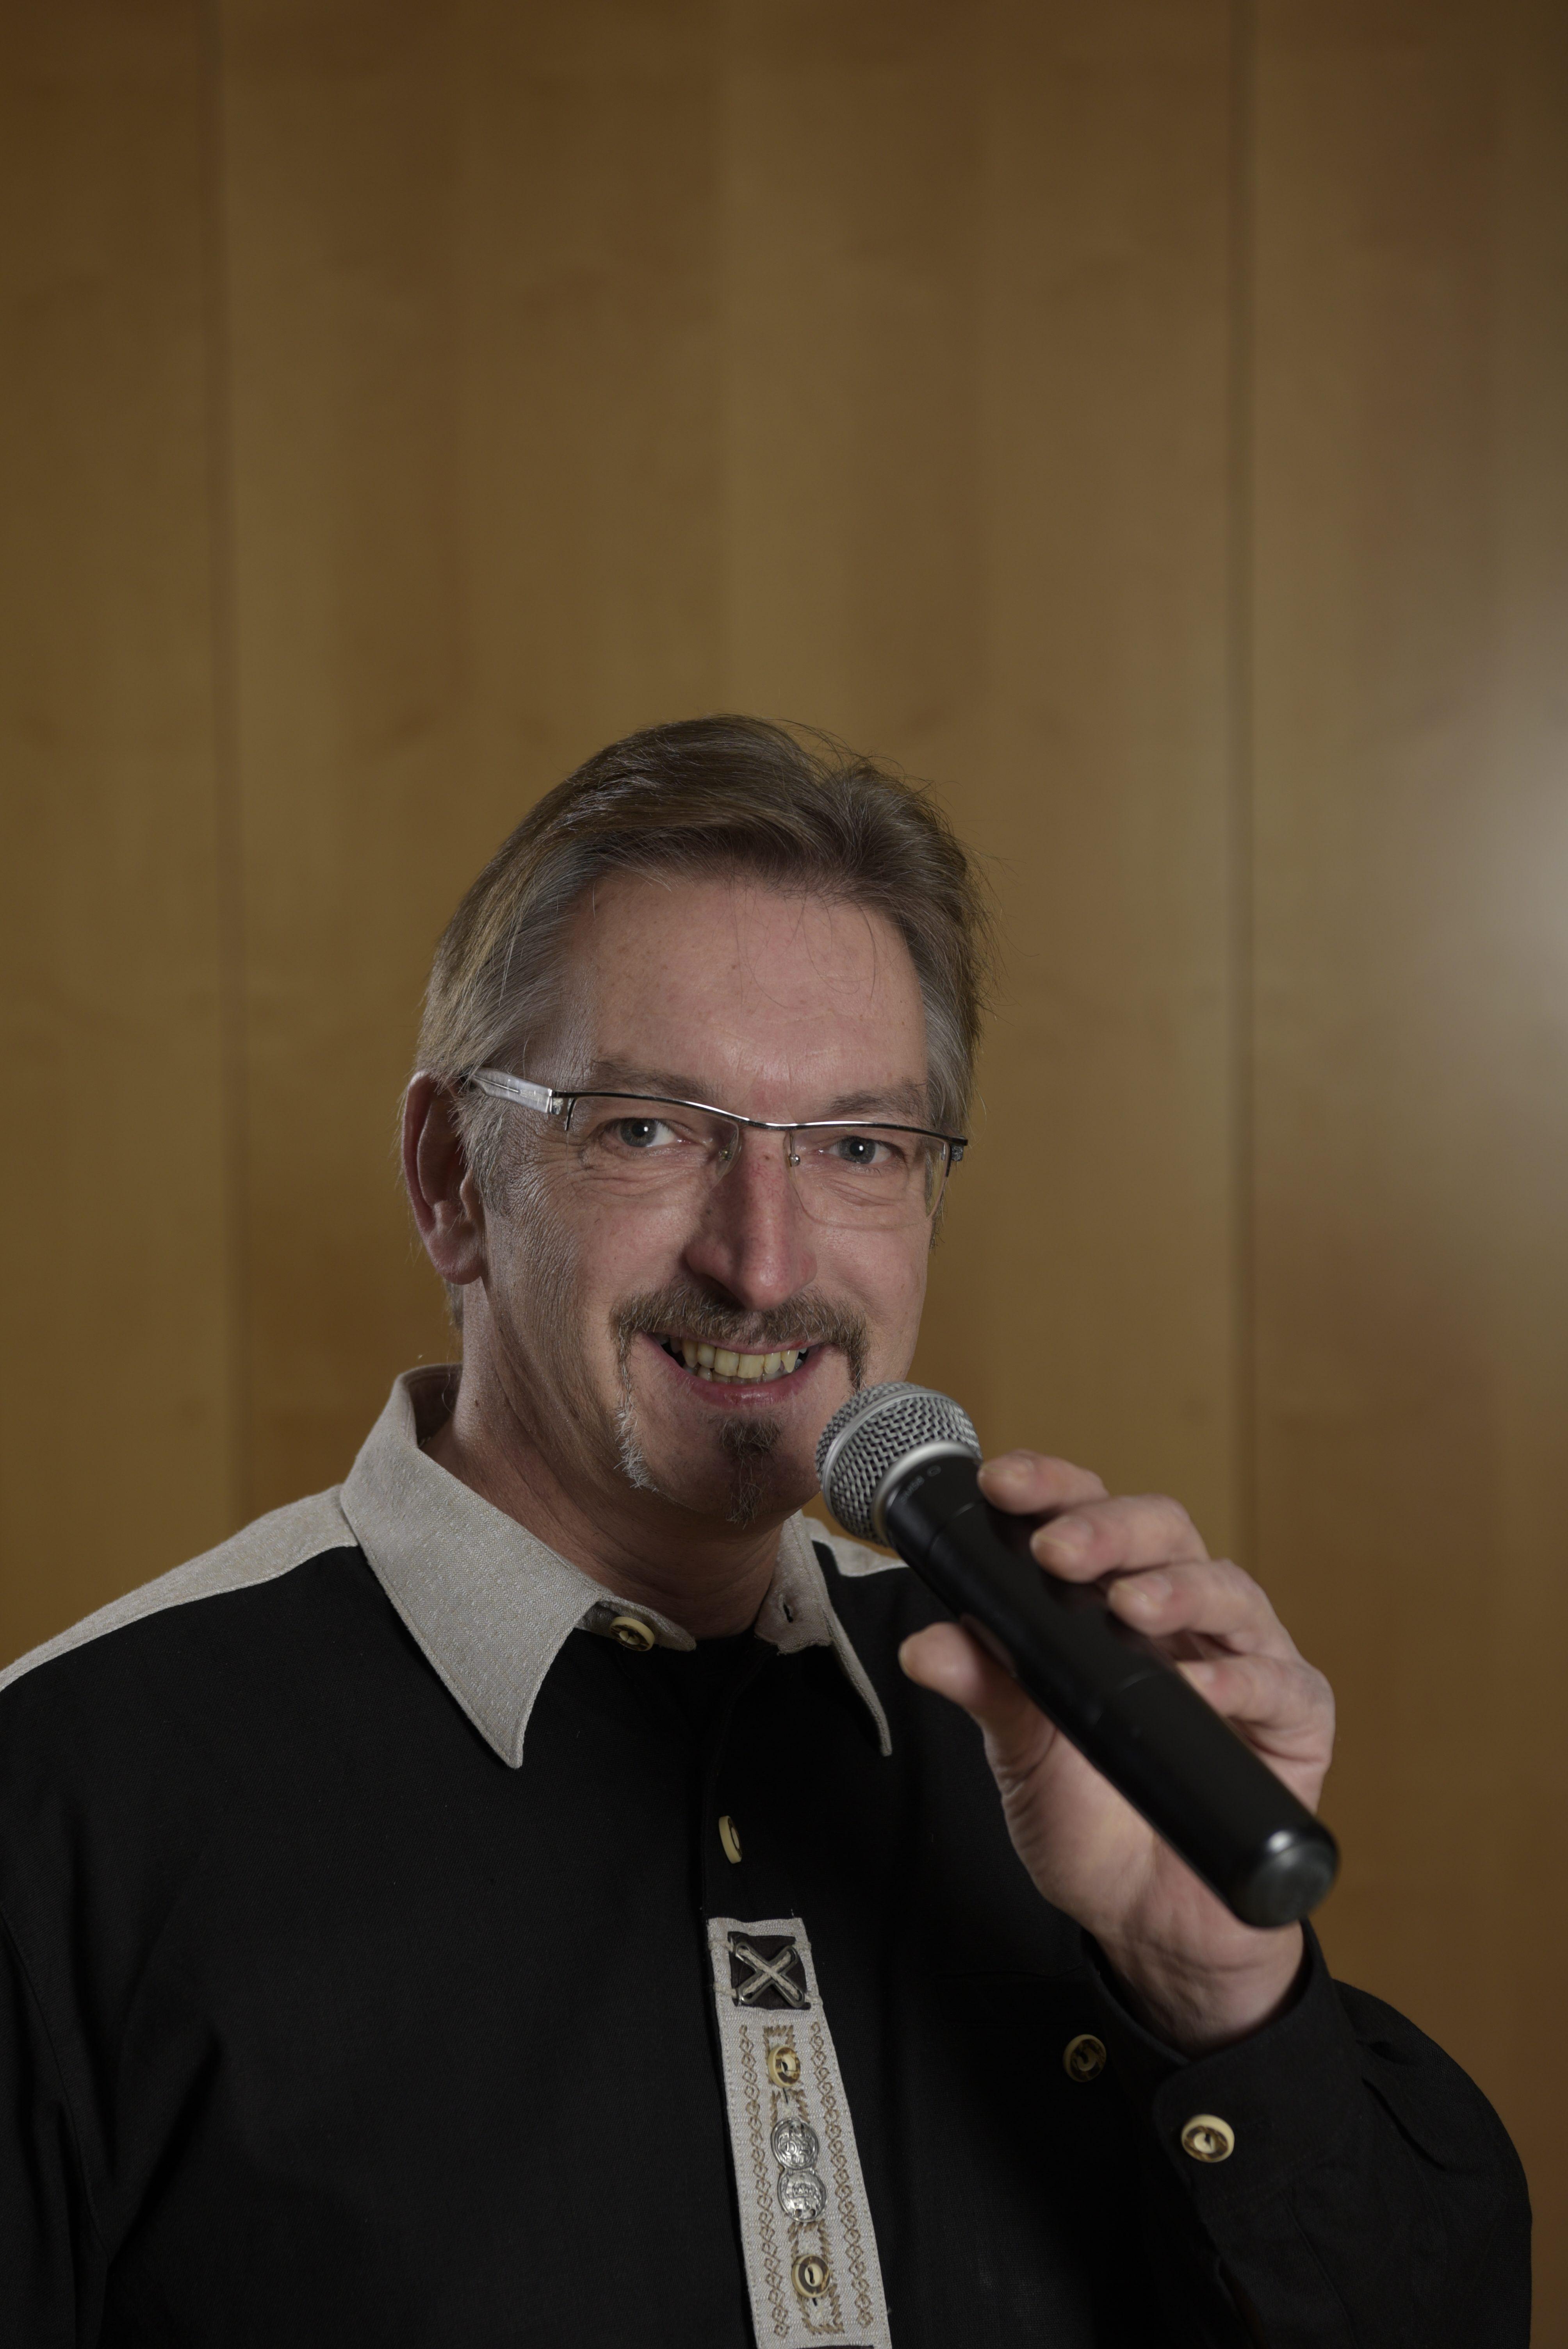 Gregor Büdenbender